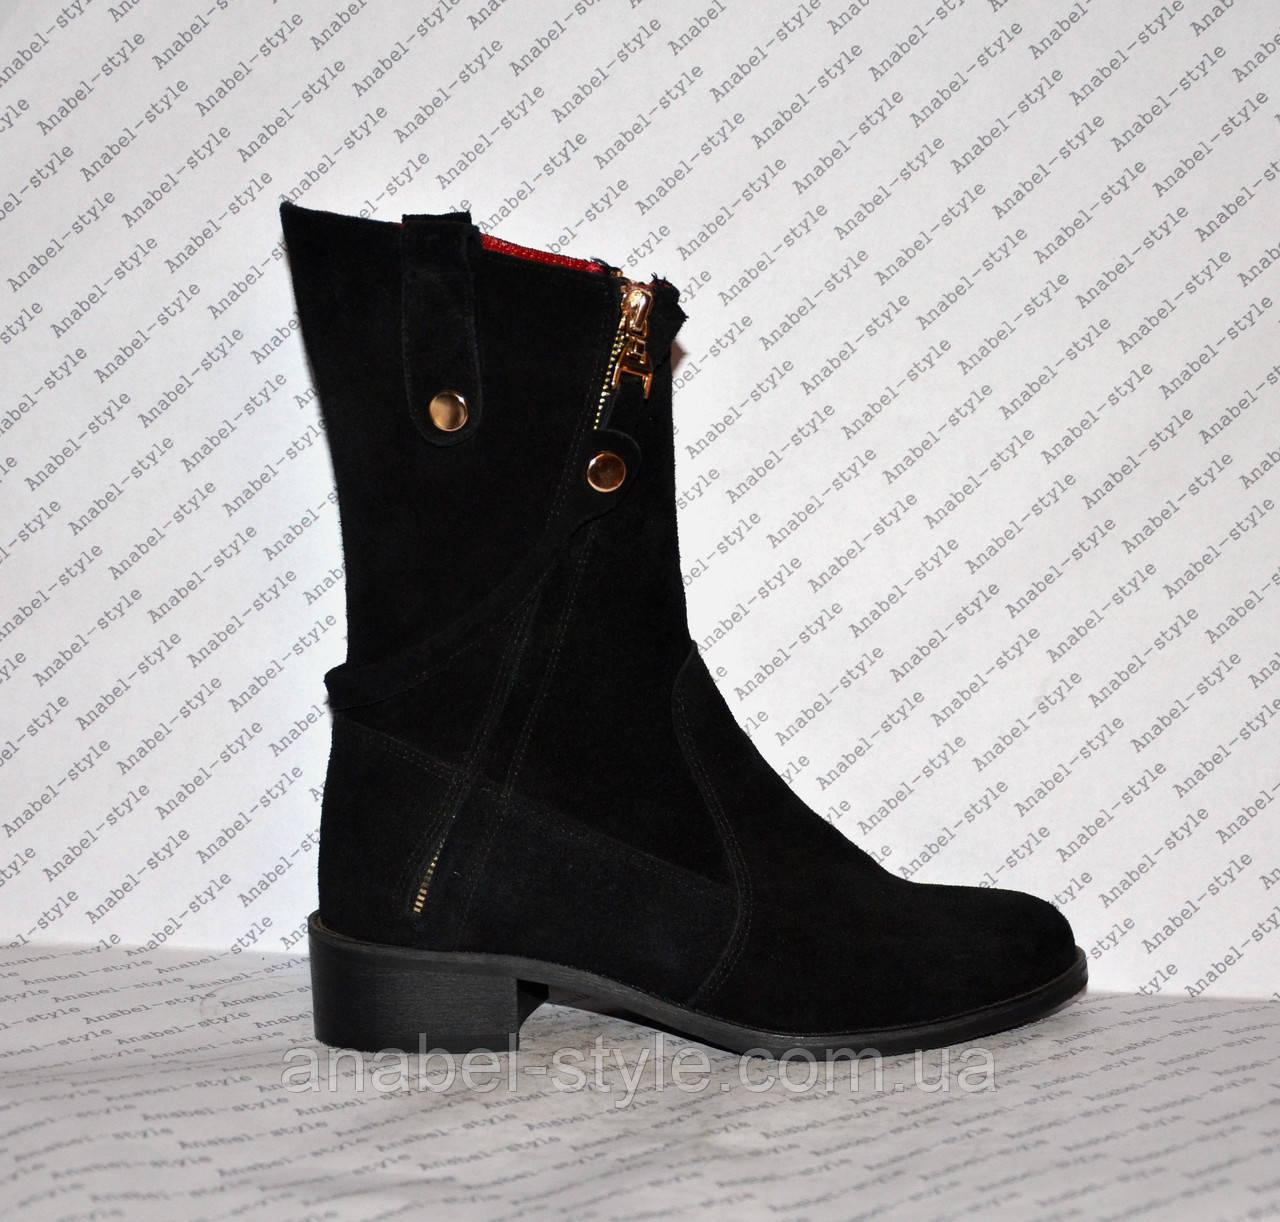 Півчобітки з натуральної замші чорного кольору стильна моделька Код 986